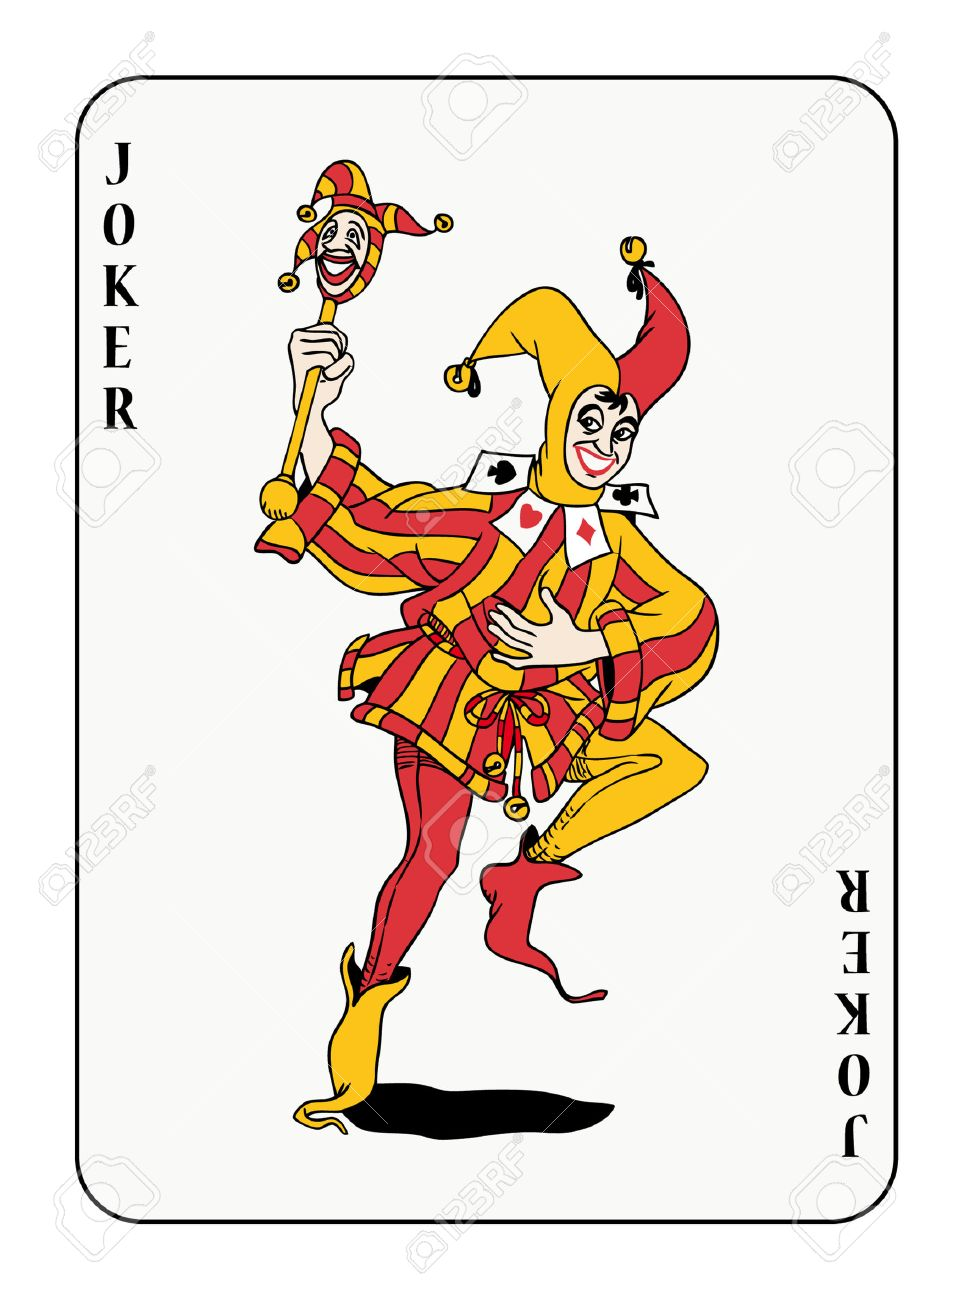 joker playing card.